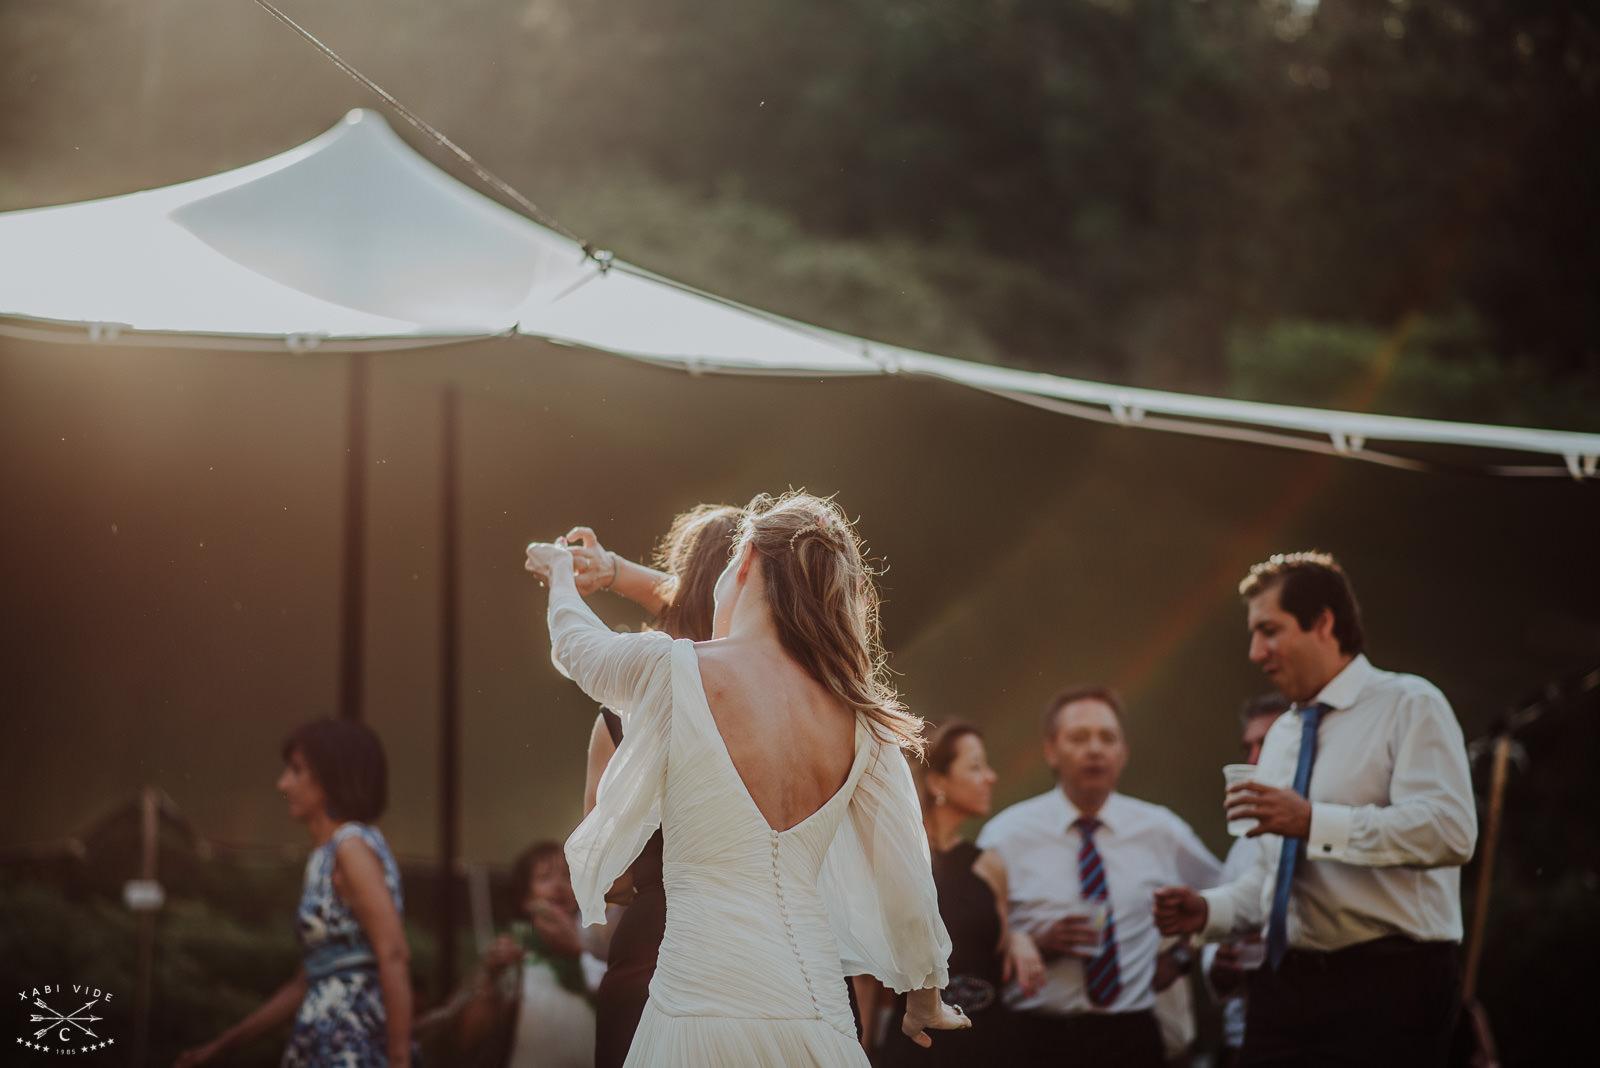 fotografo de bodas en bilbao-156